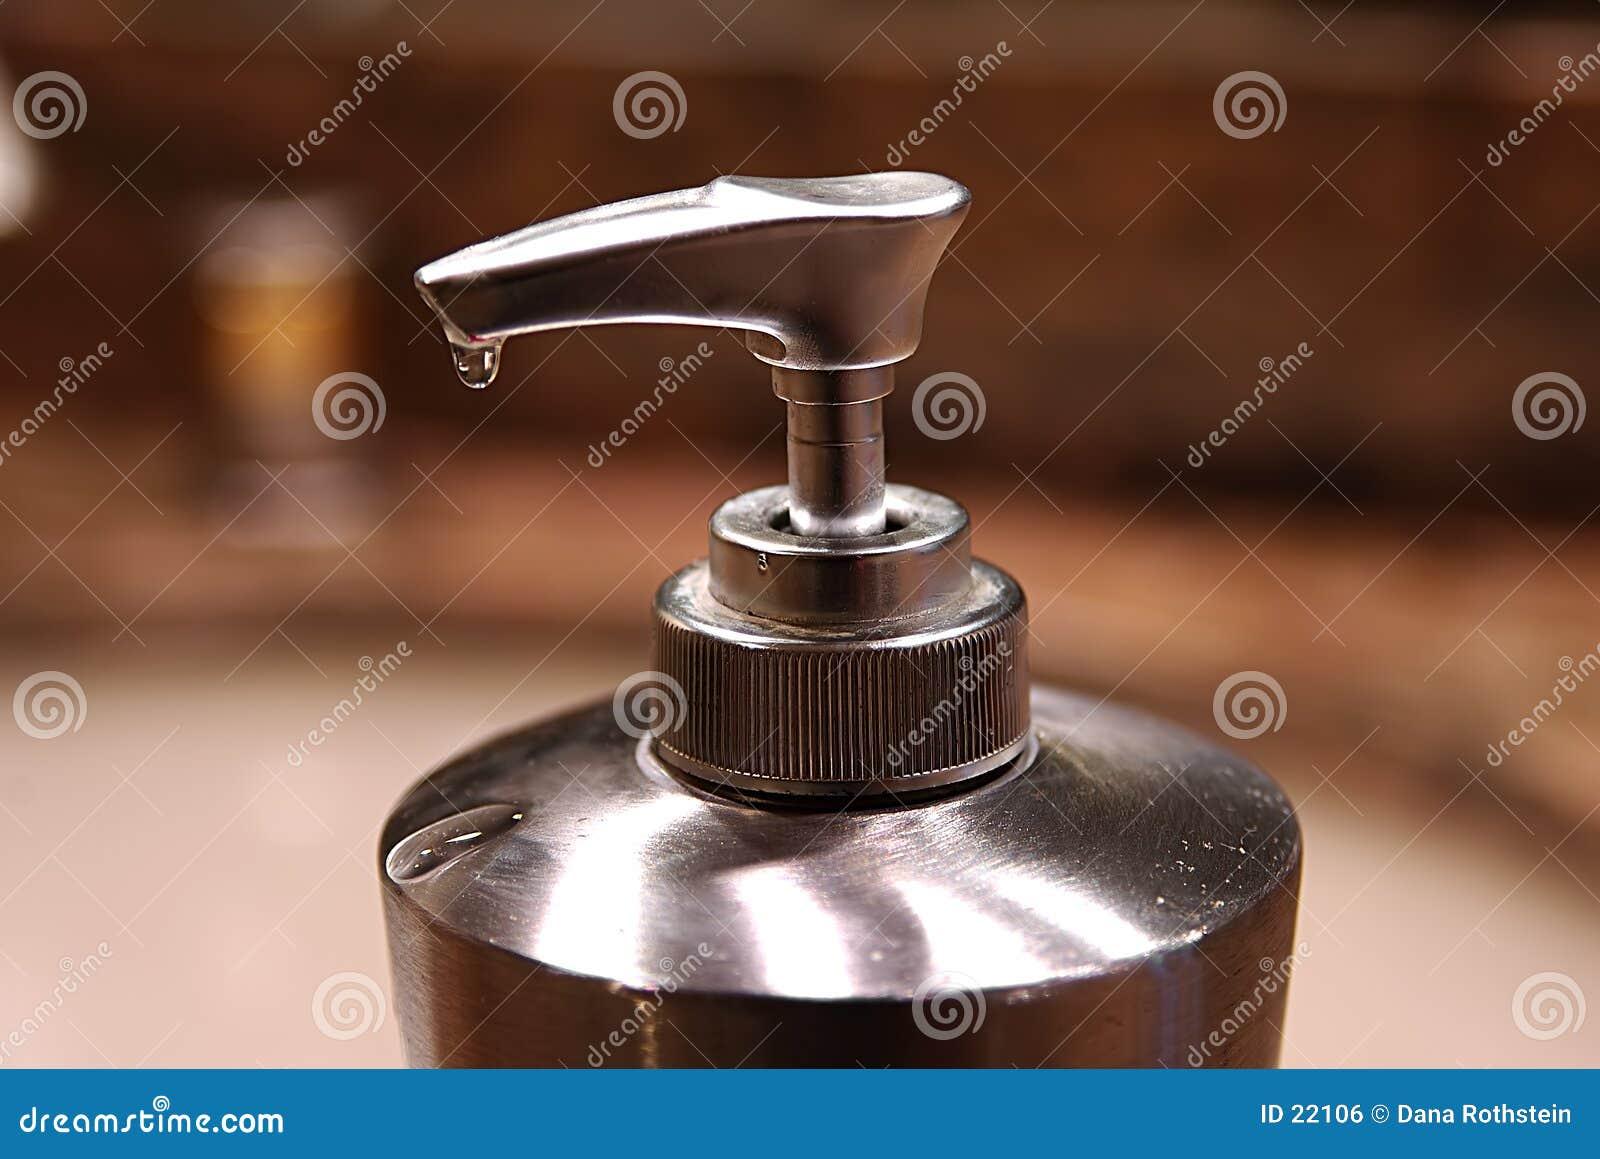 Dispensador del jabón